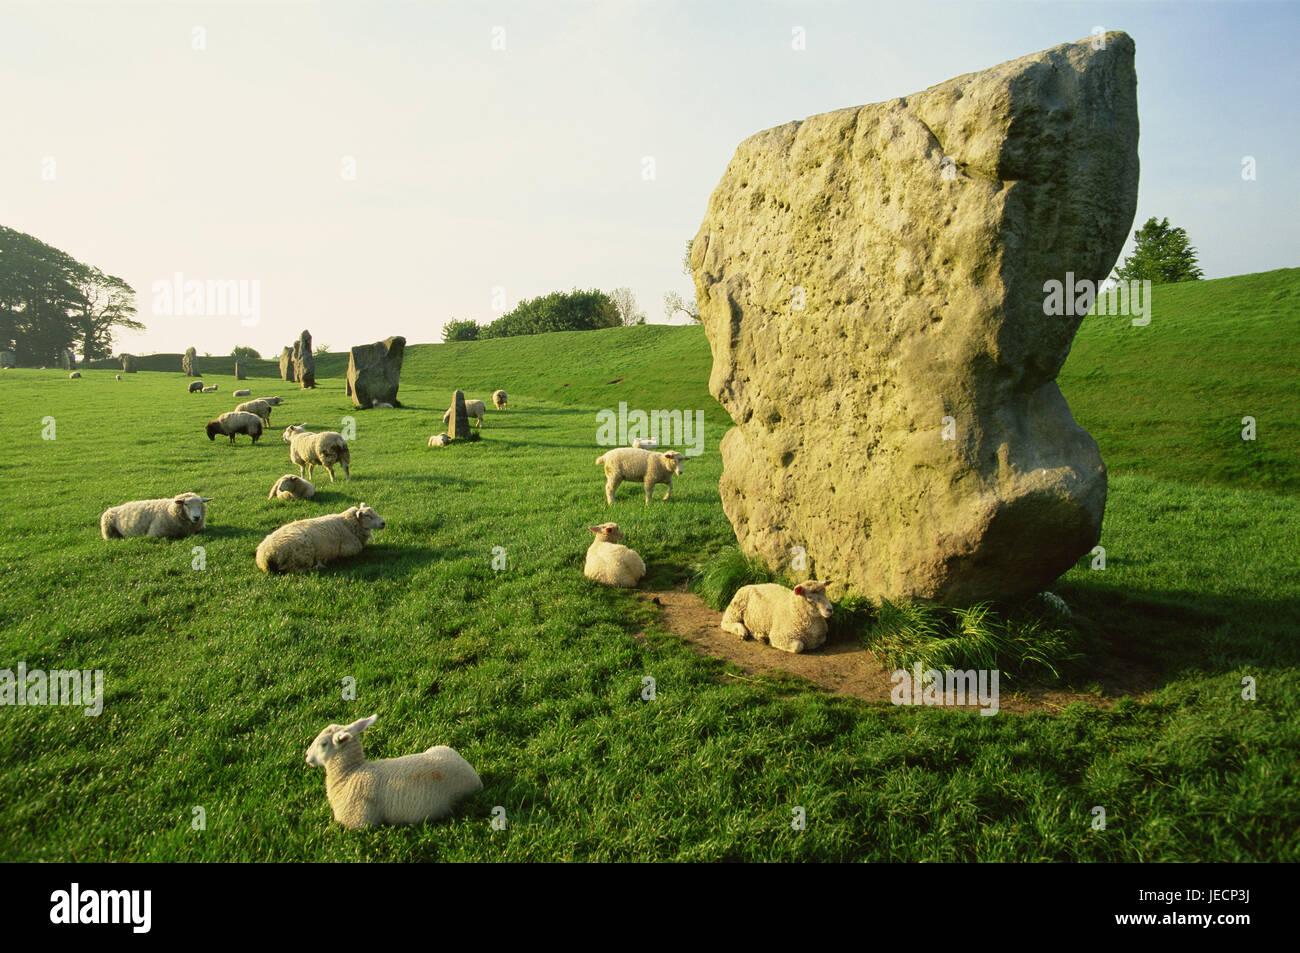 Großbritannien, England, Wiltshire, Avebury, Steinkreis, Schafe, Europa, Süd schmale Land, Ort von Interesse, Stockbild